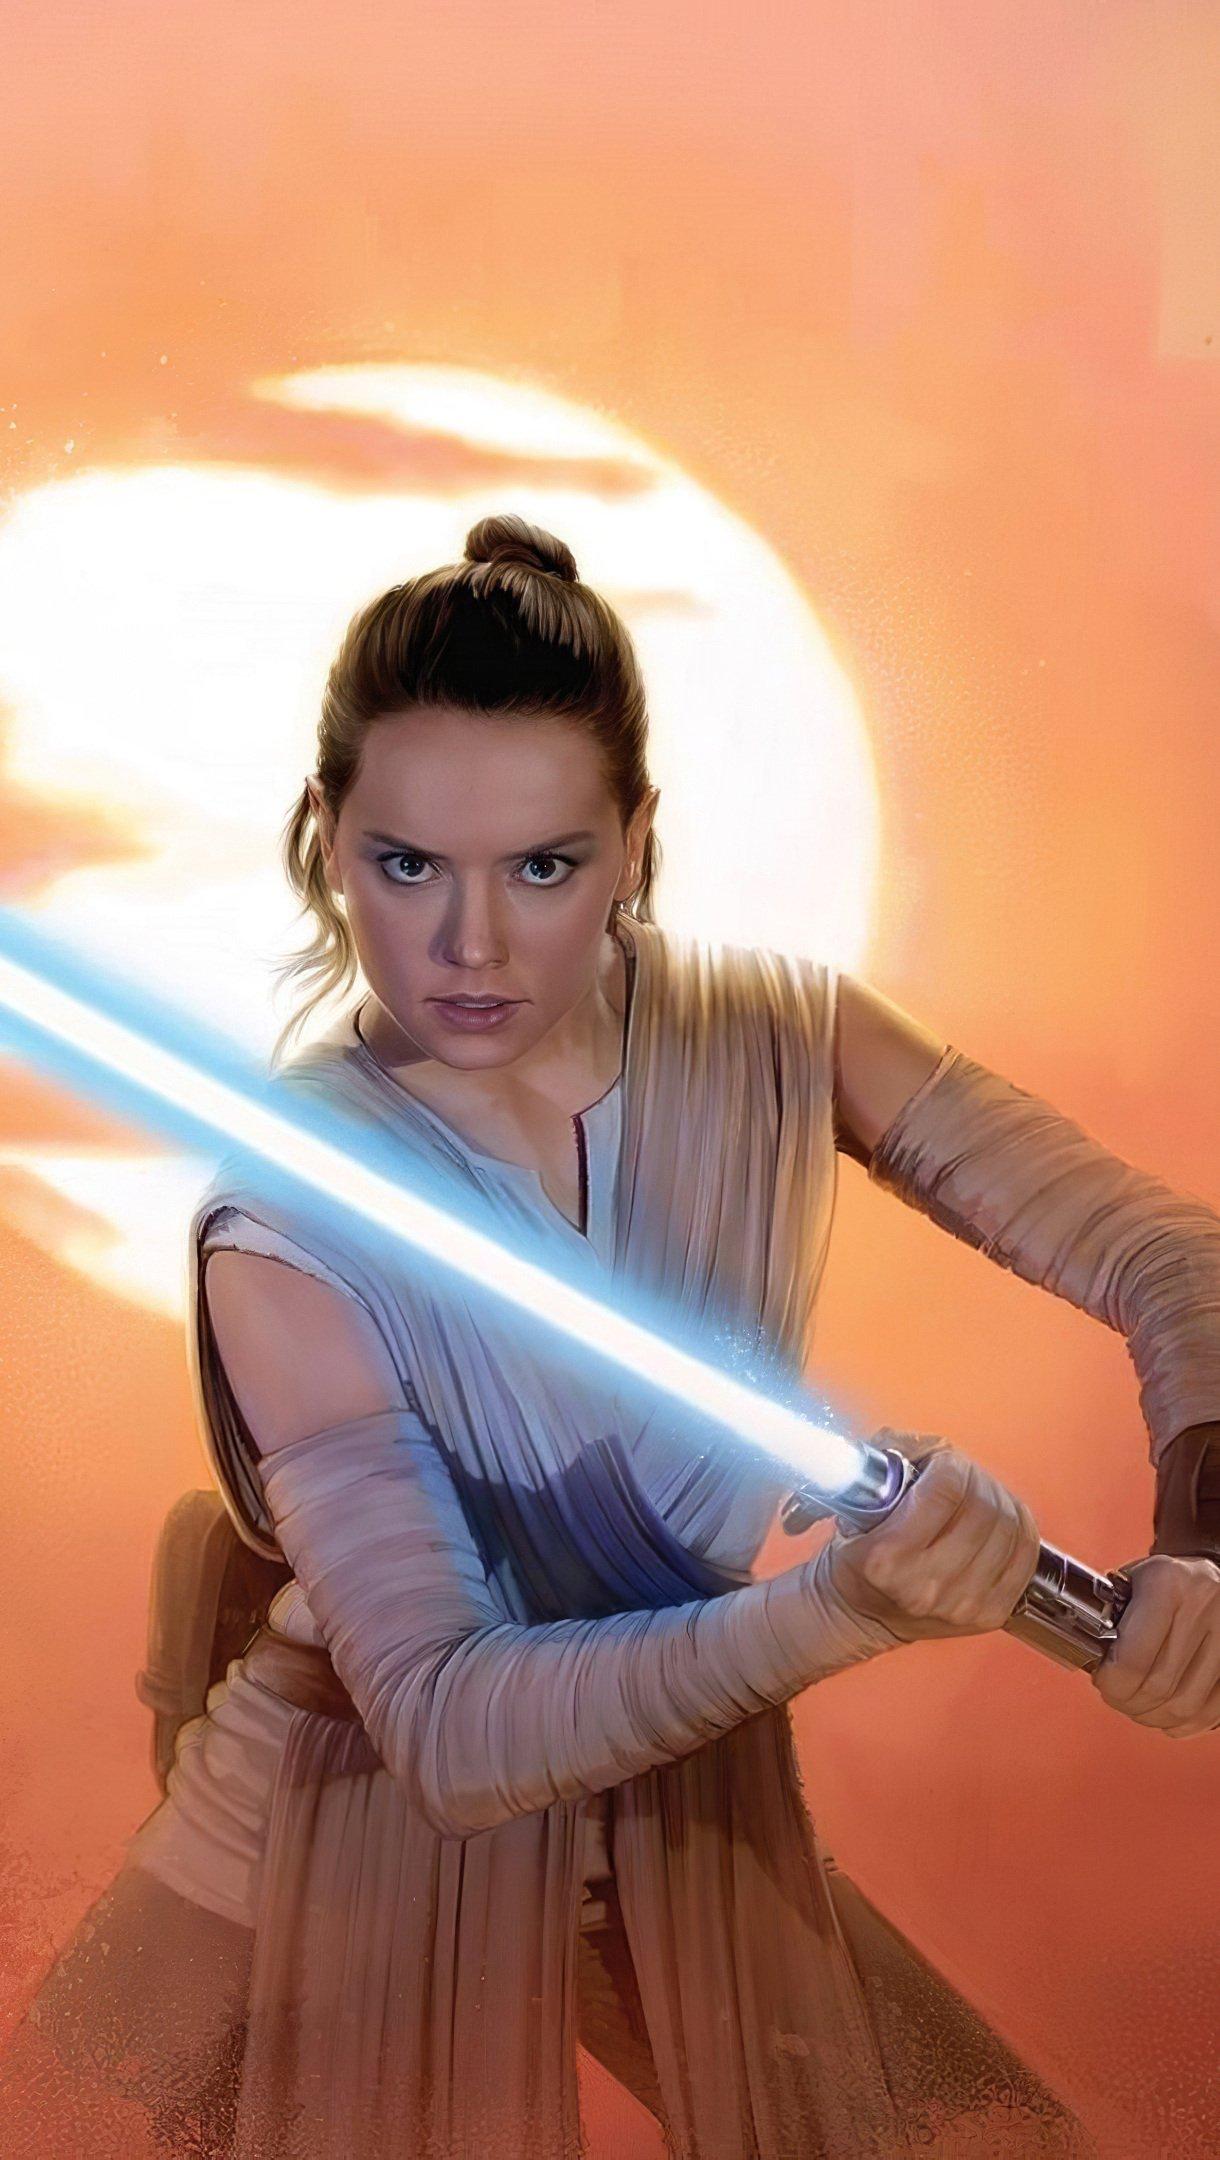 Fondos de pantalla Rey con Sable de luz de Star wars el ascenso del skywalker Vertical